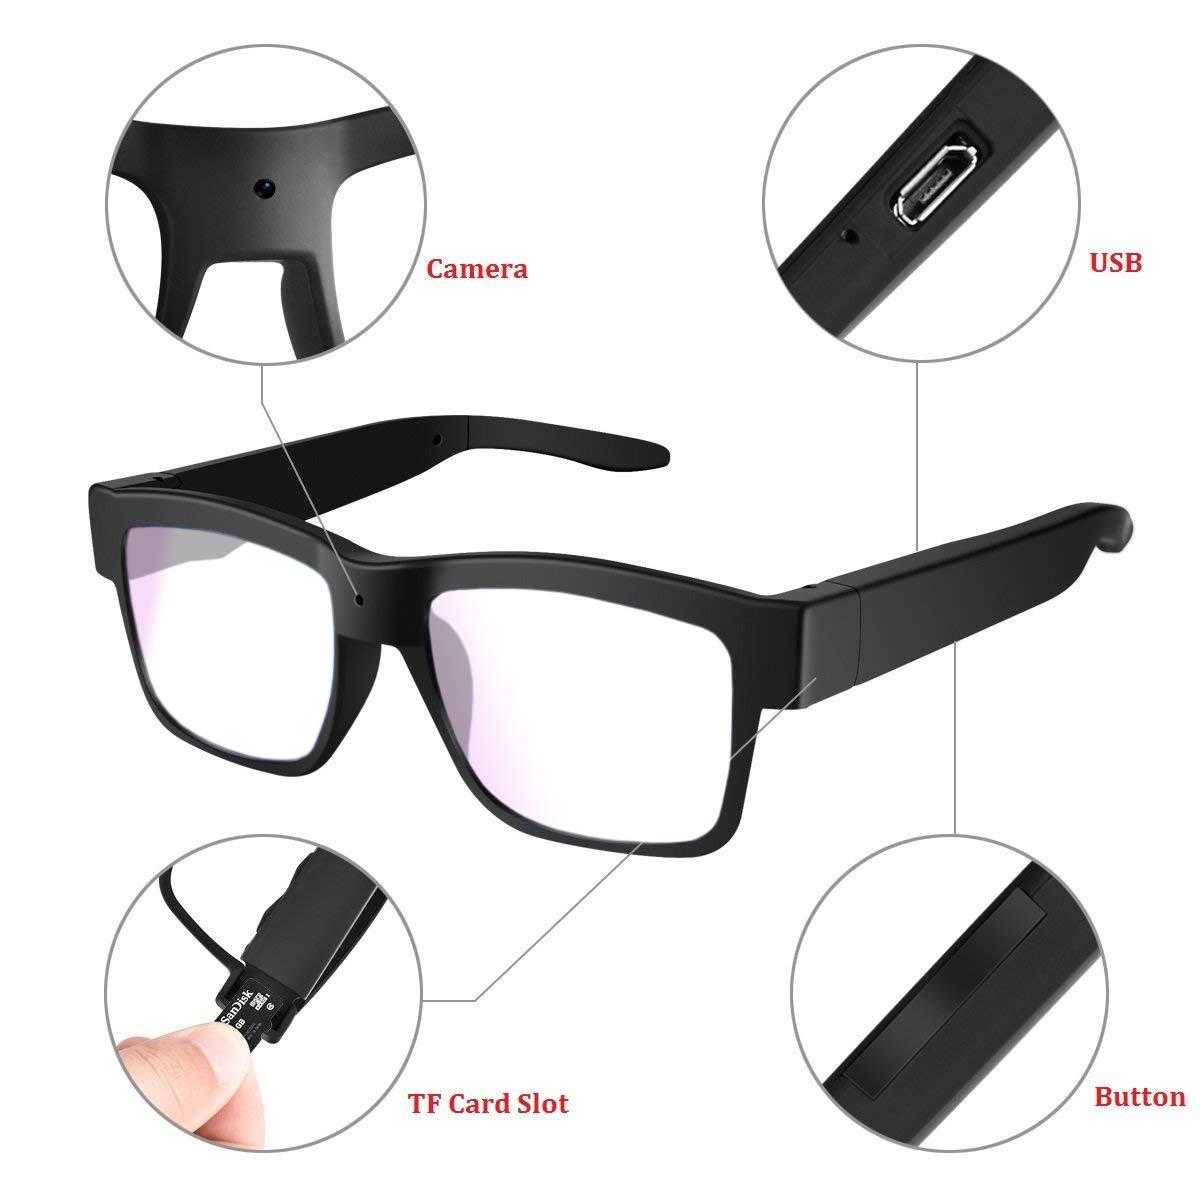 Amazon.com: Gafas de cámara 1080P Miota Mini Video Gafas ...